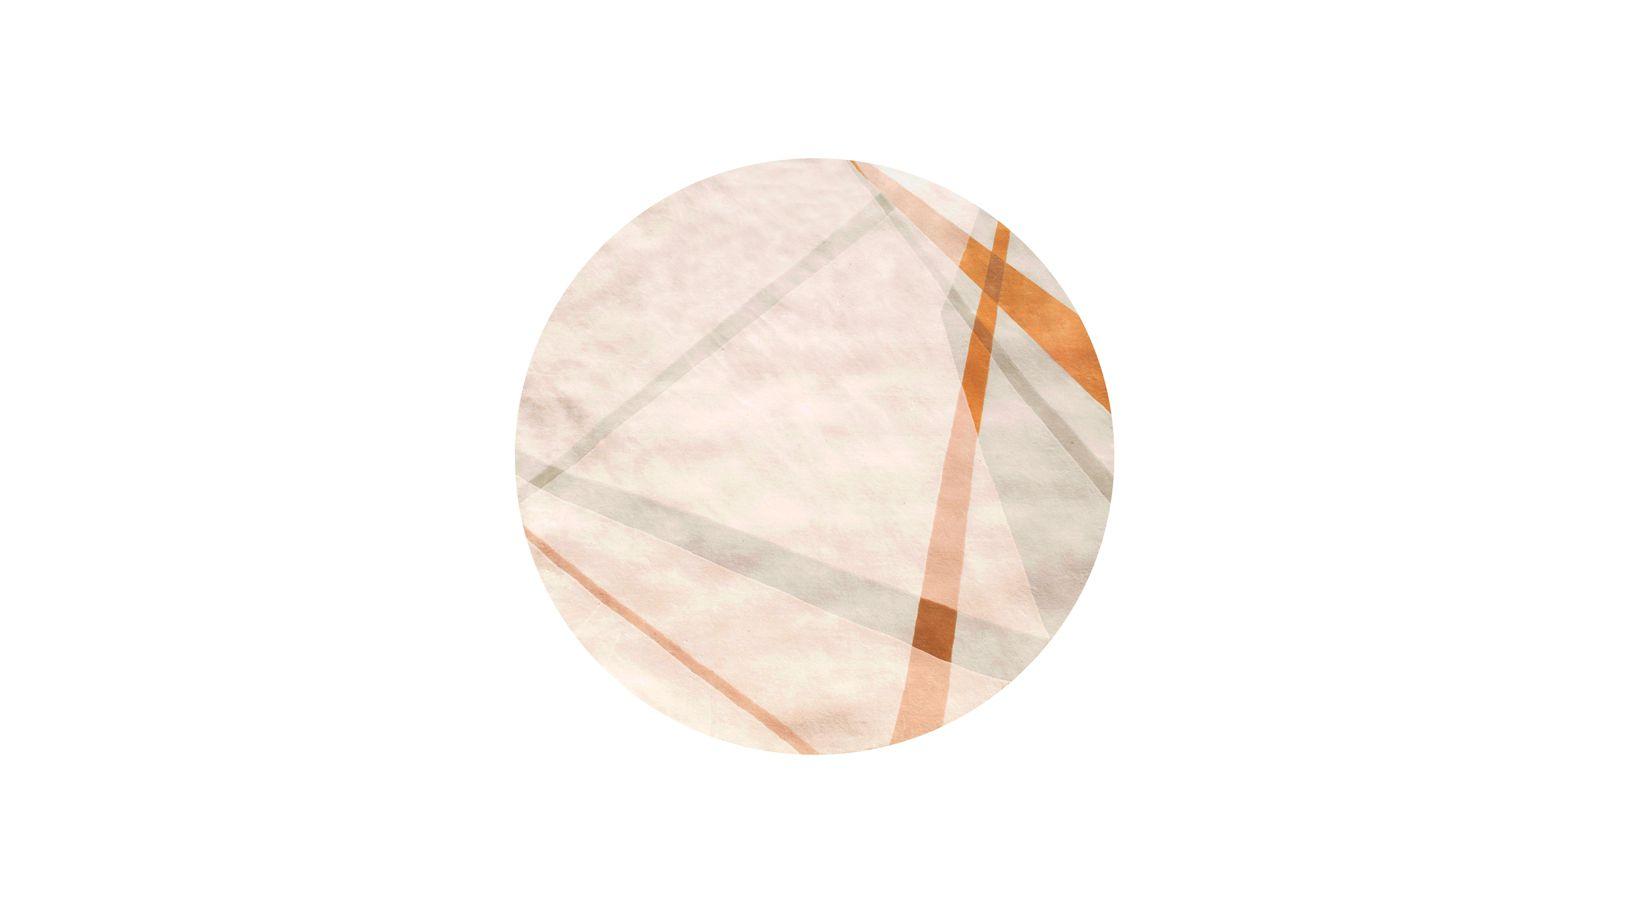 paris paname paris paname round rug roche bobois. Black Bedroom Furniture Sets. Home Design Ideas